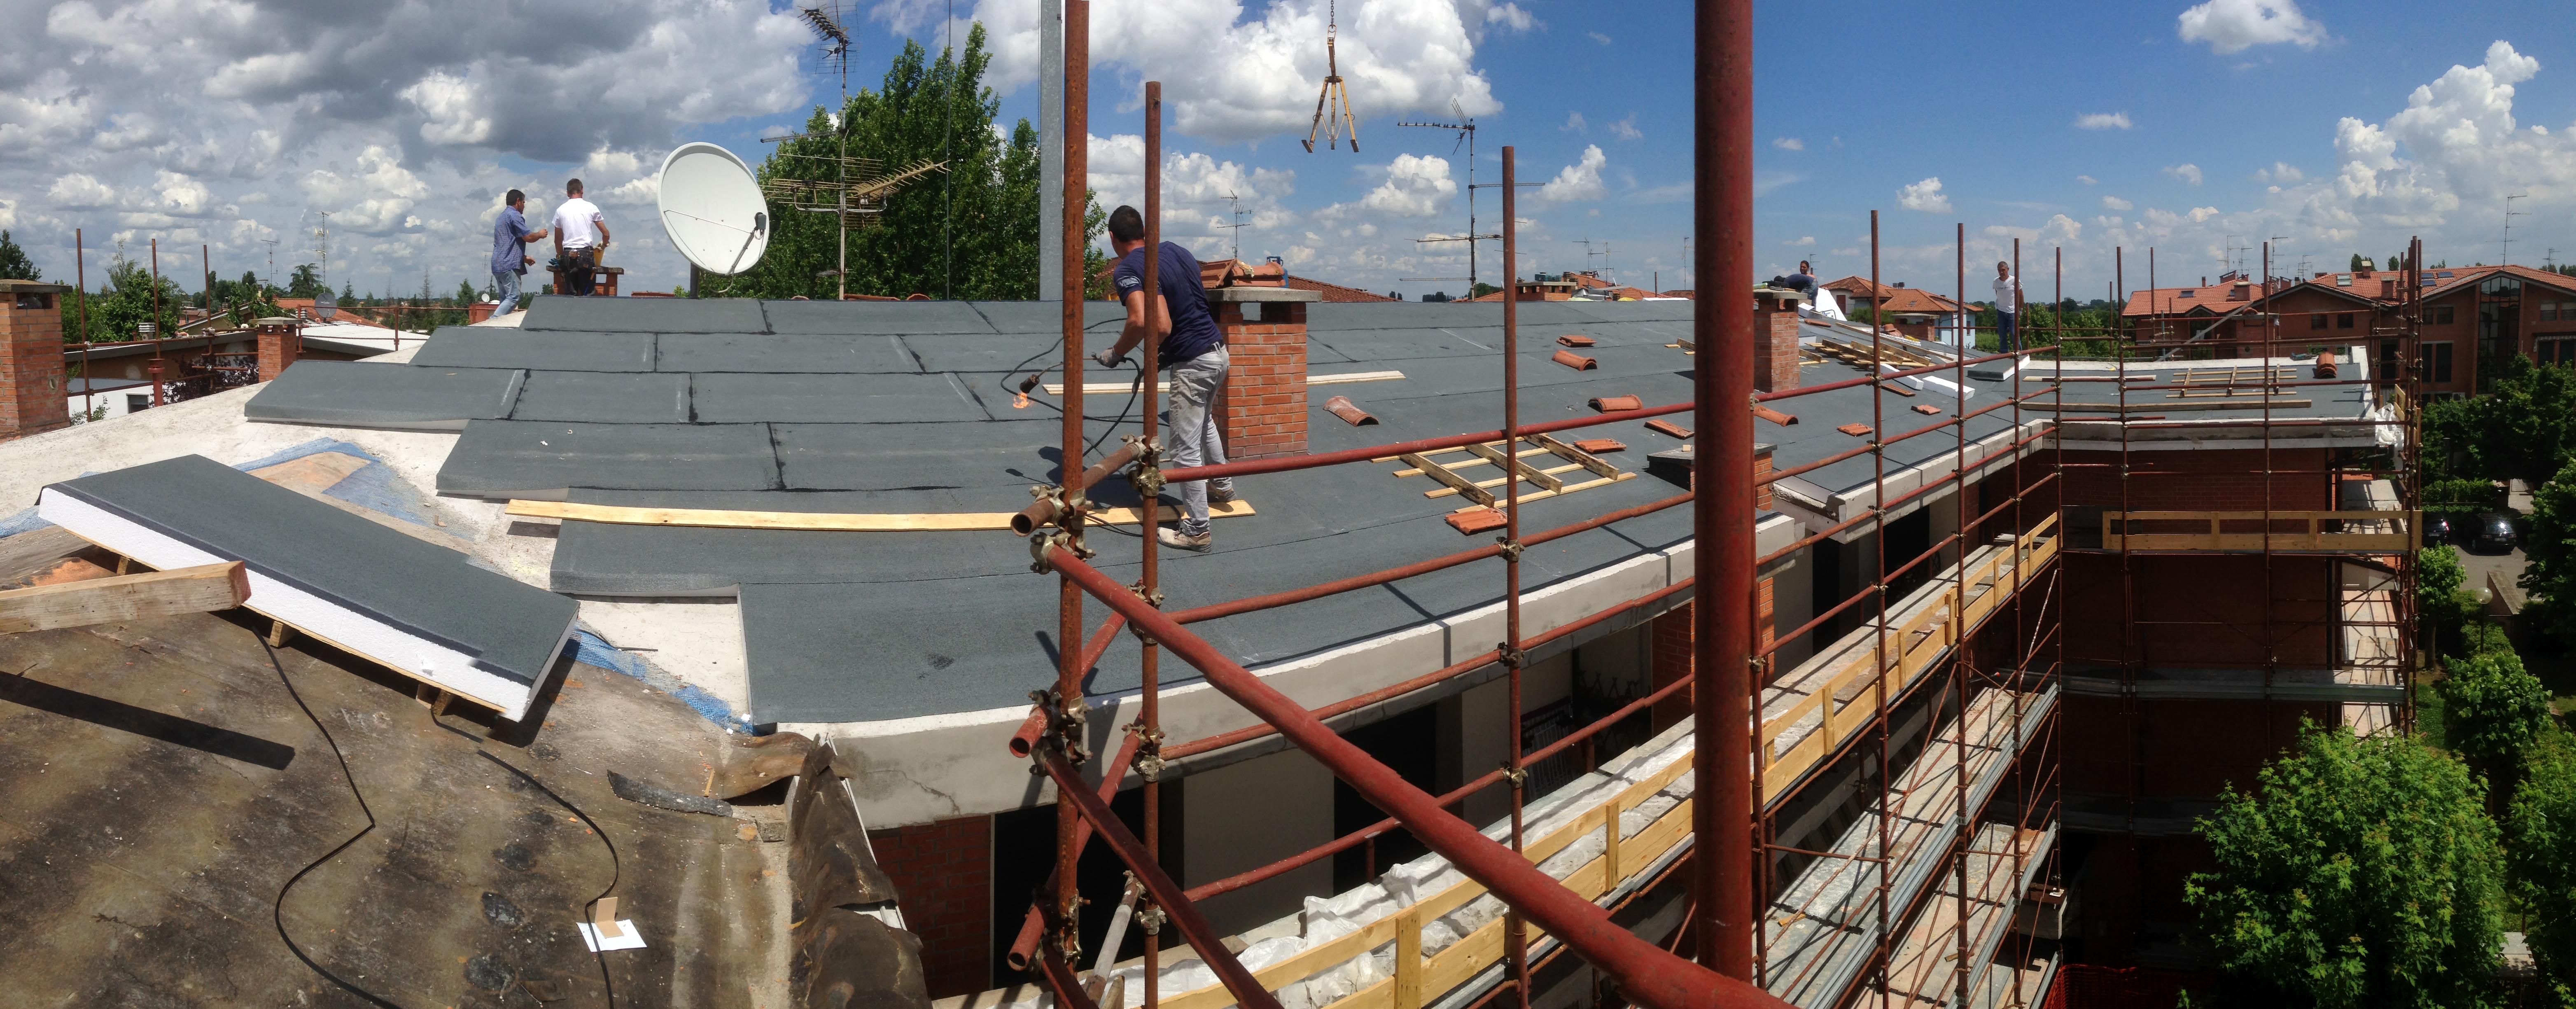 Manutenzione straordinaria delle coperture. Nuovo isolamento termico. San Pietro in Casale (Bo)